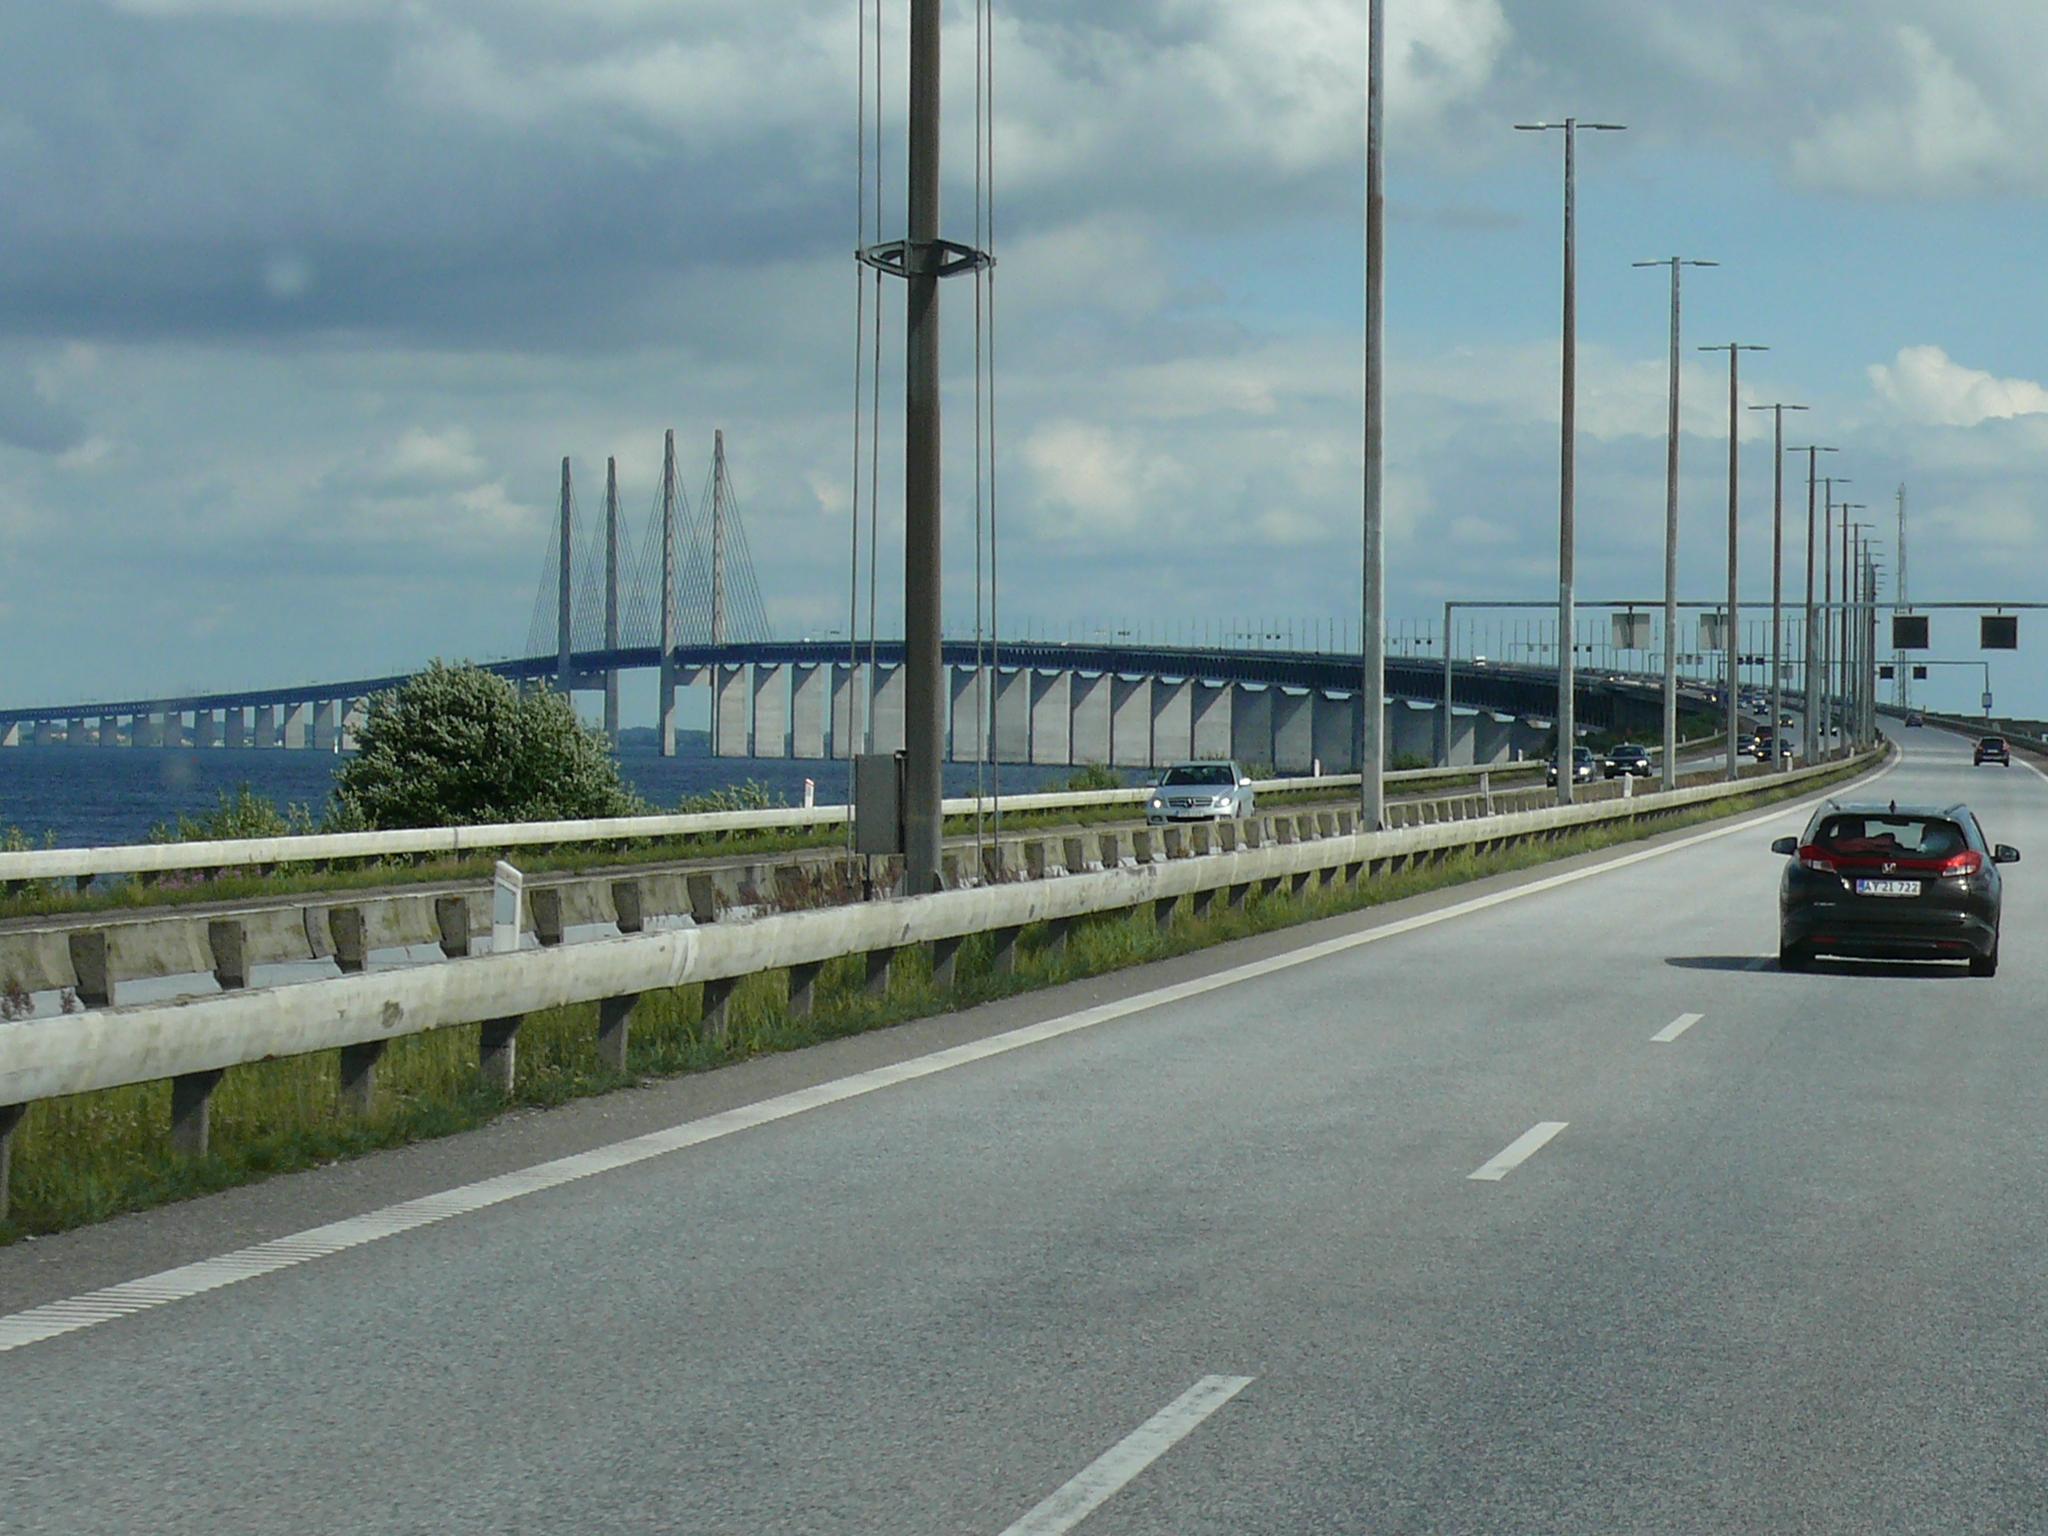 Orsundbrücke Verbindung Dänemark u. Schweden